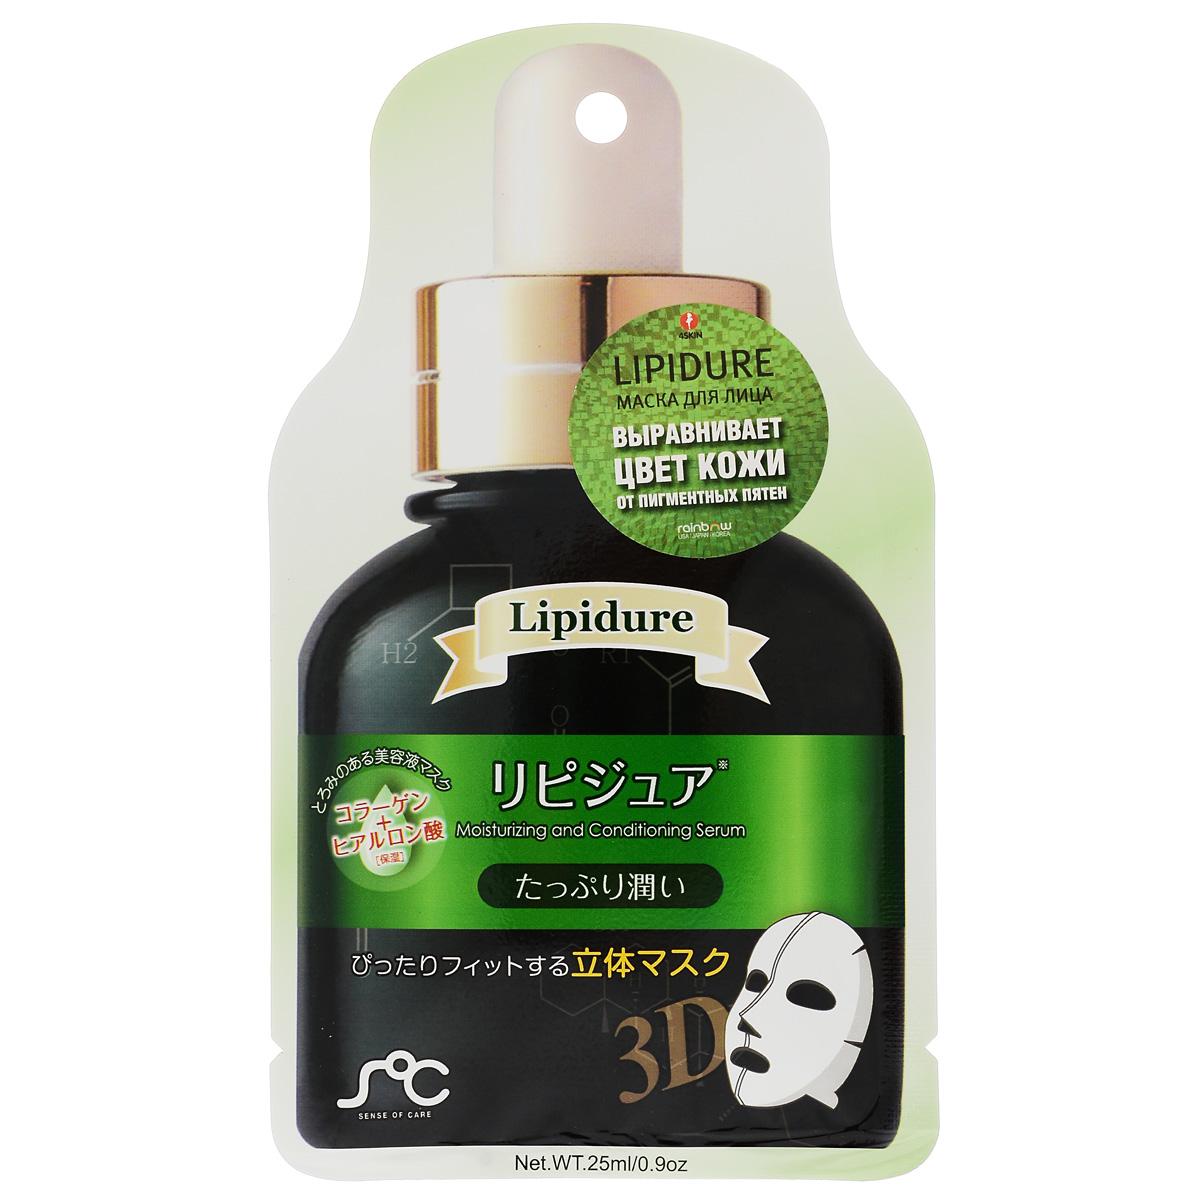 Rainbowbeauty 3D маска-сыворотка для лица с липидами, 25 мл